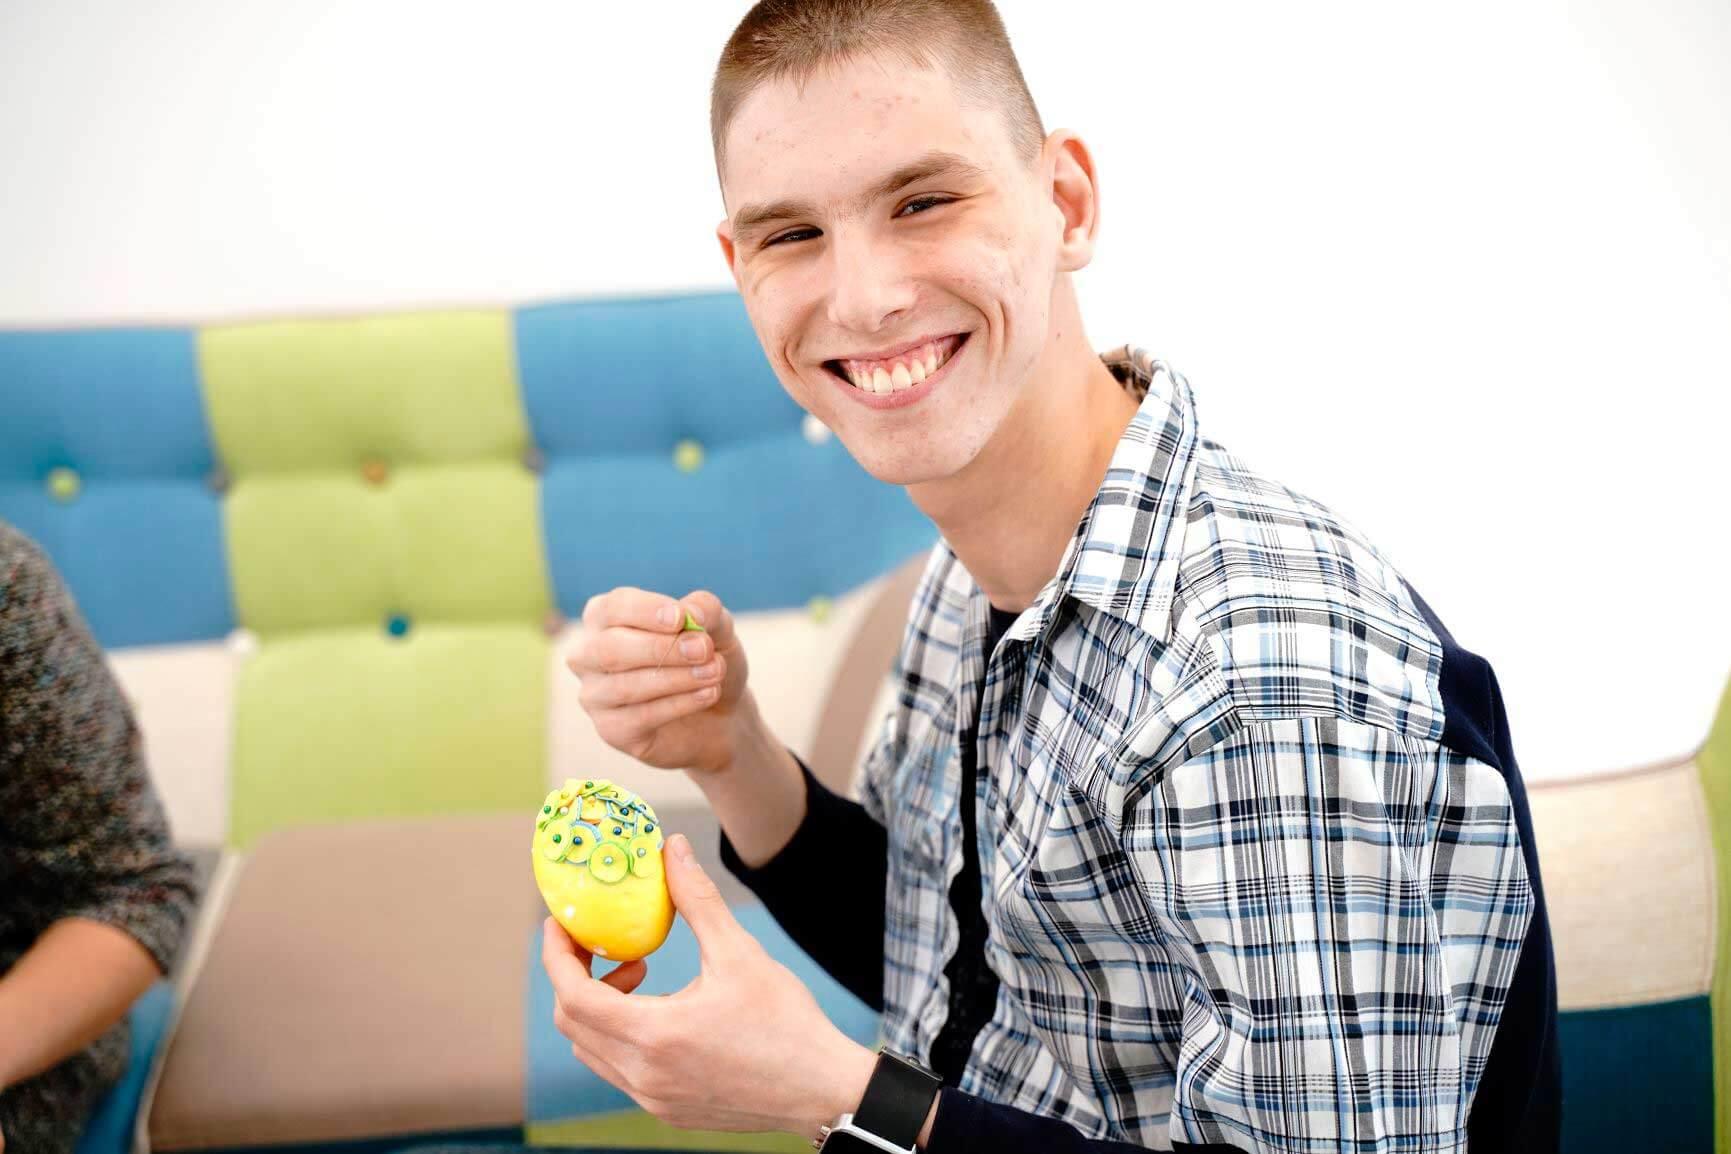 Сергей Собянин: Центр сопровождаемого проживания. Помогаем молодым людям с ментальными особенностями - фото 13